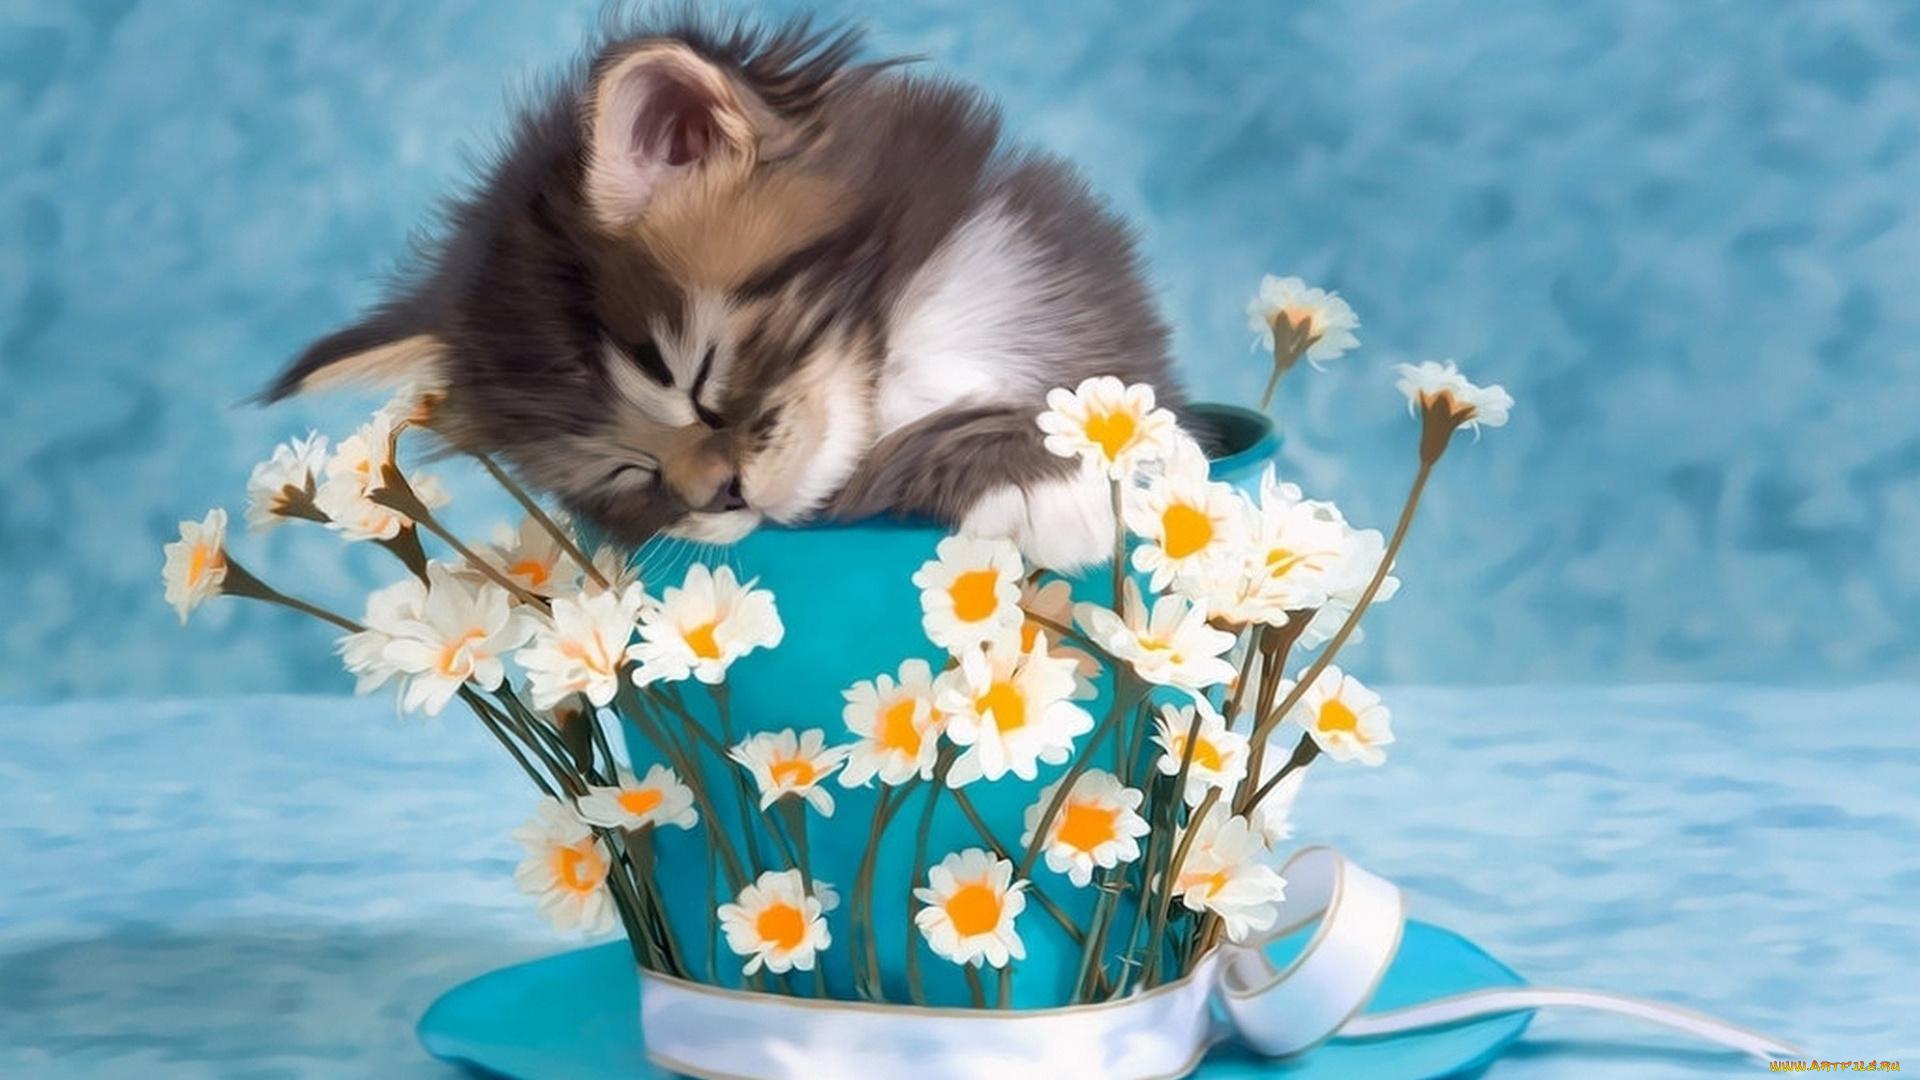 Красивые открытки с добрым утром с цветами и животными